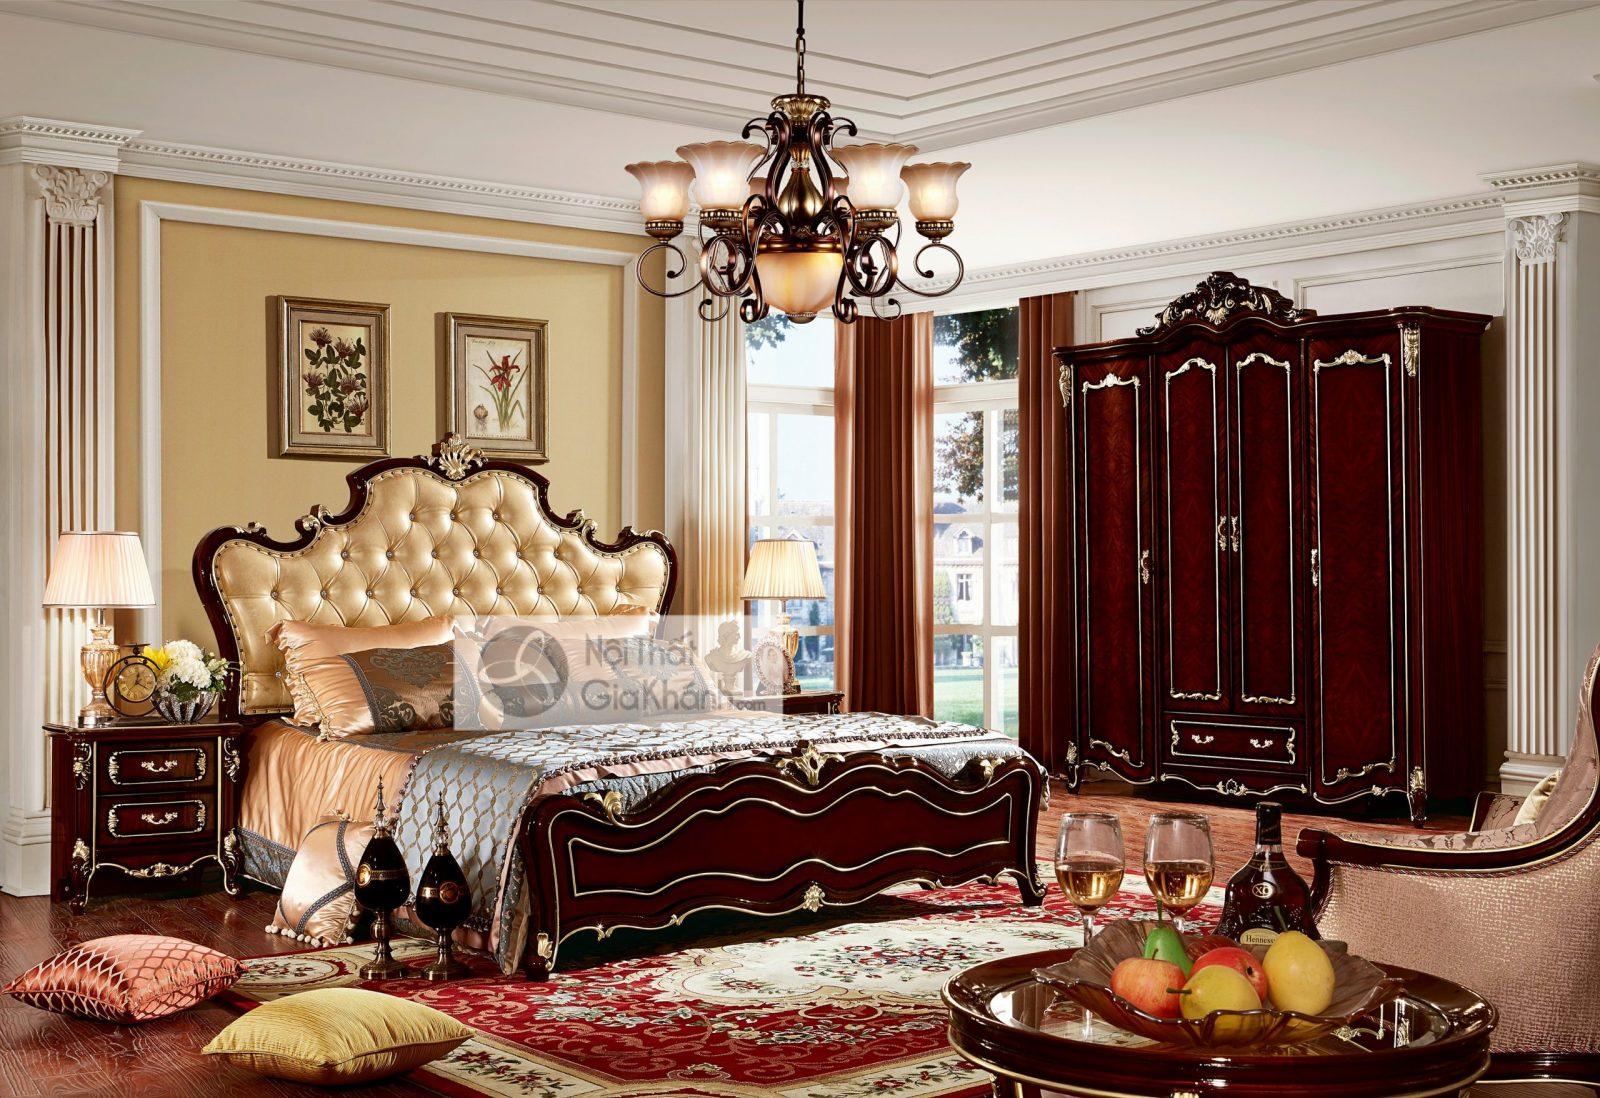 Giường Ngủ Tân Cổ Điển Màu Rượu Vang Nho Gi8830G Phong Cách Quý Tộc